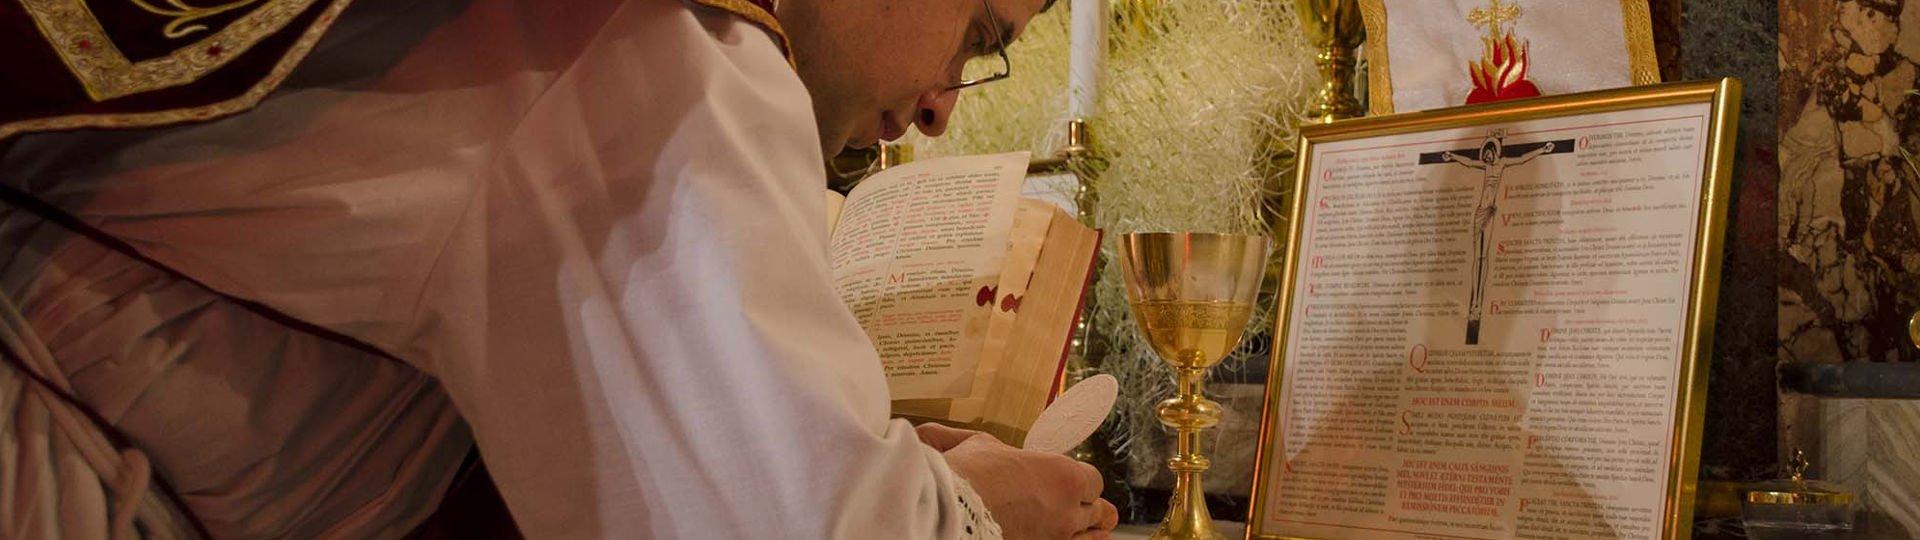 Resultado de imagen para silencio liturgico